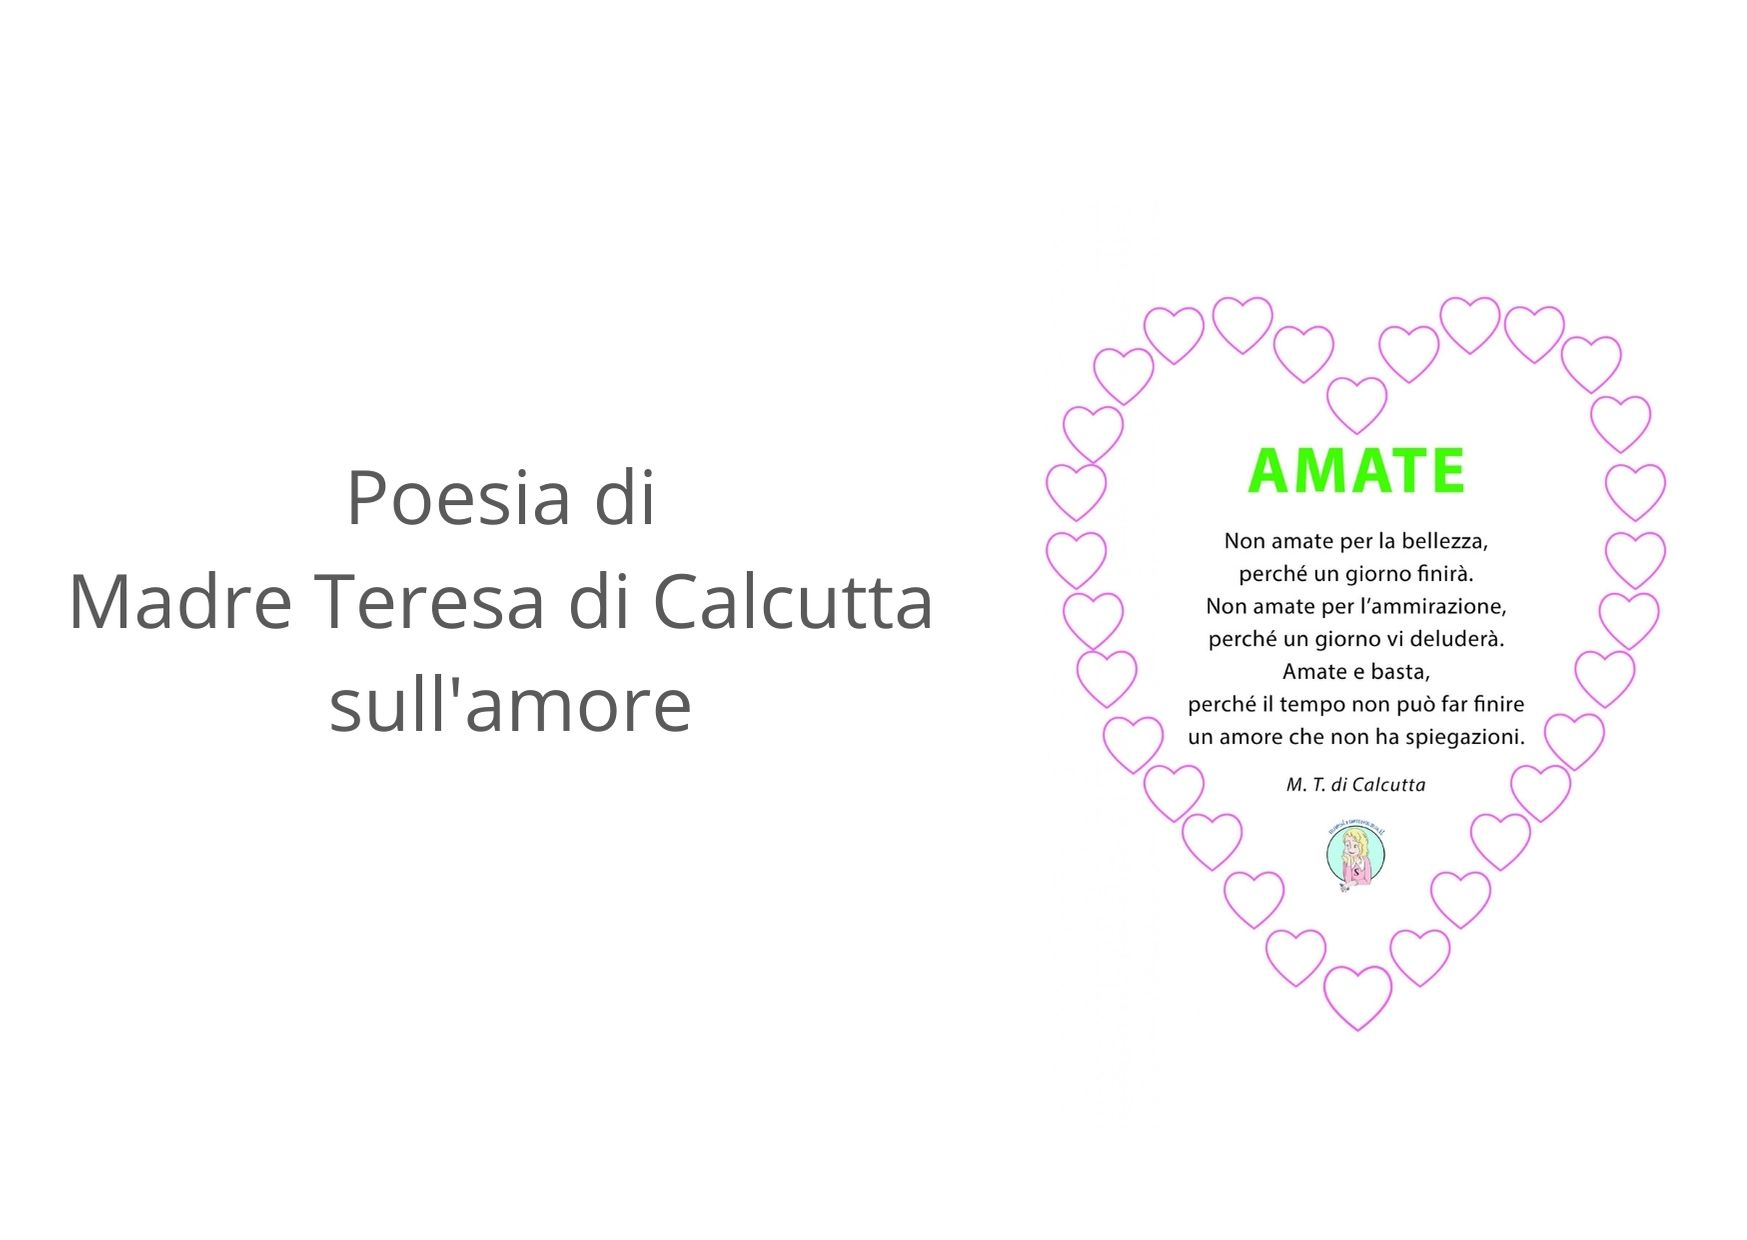 Poesia Madre Teresa di Calcutta sull'amore